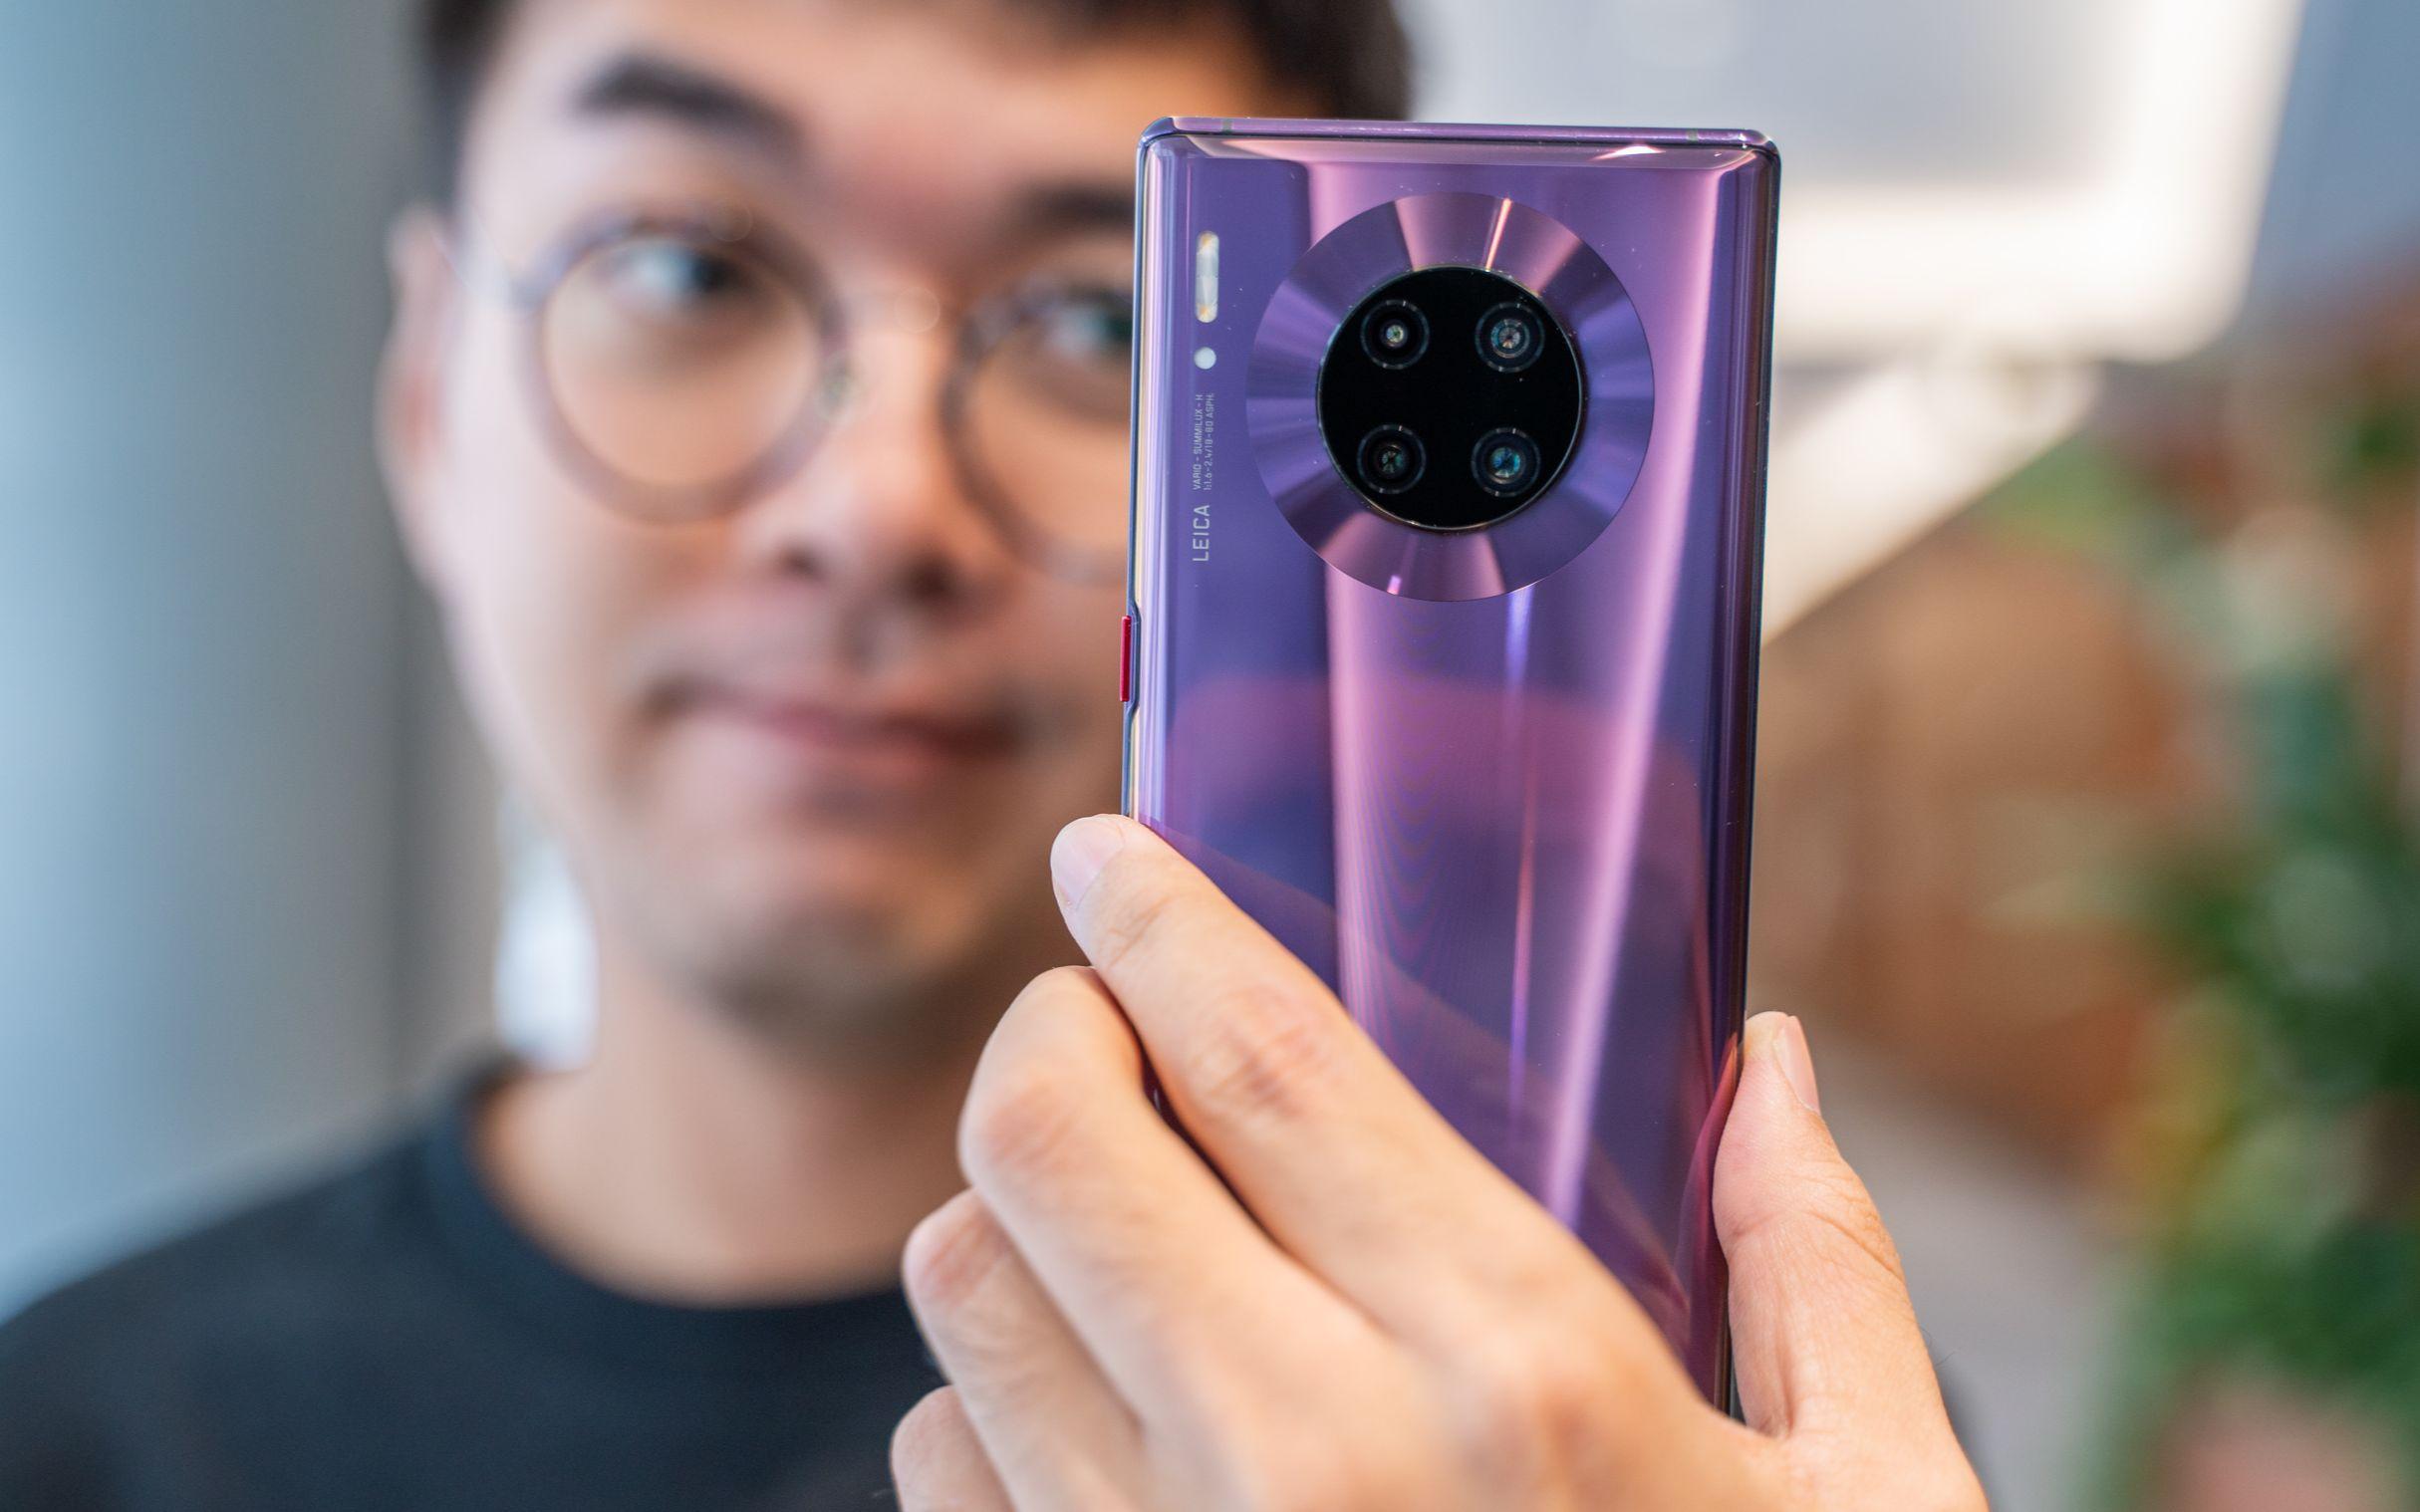 搞机零距离:华为Mate30 Pro上手 徕卡四镜头造型变成圆圈了!